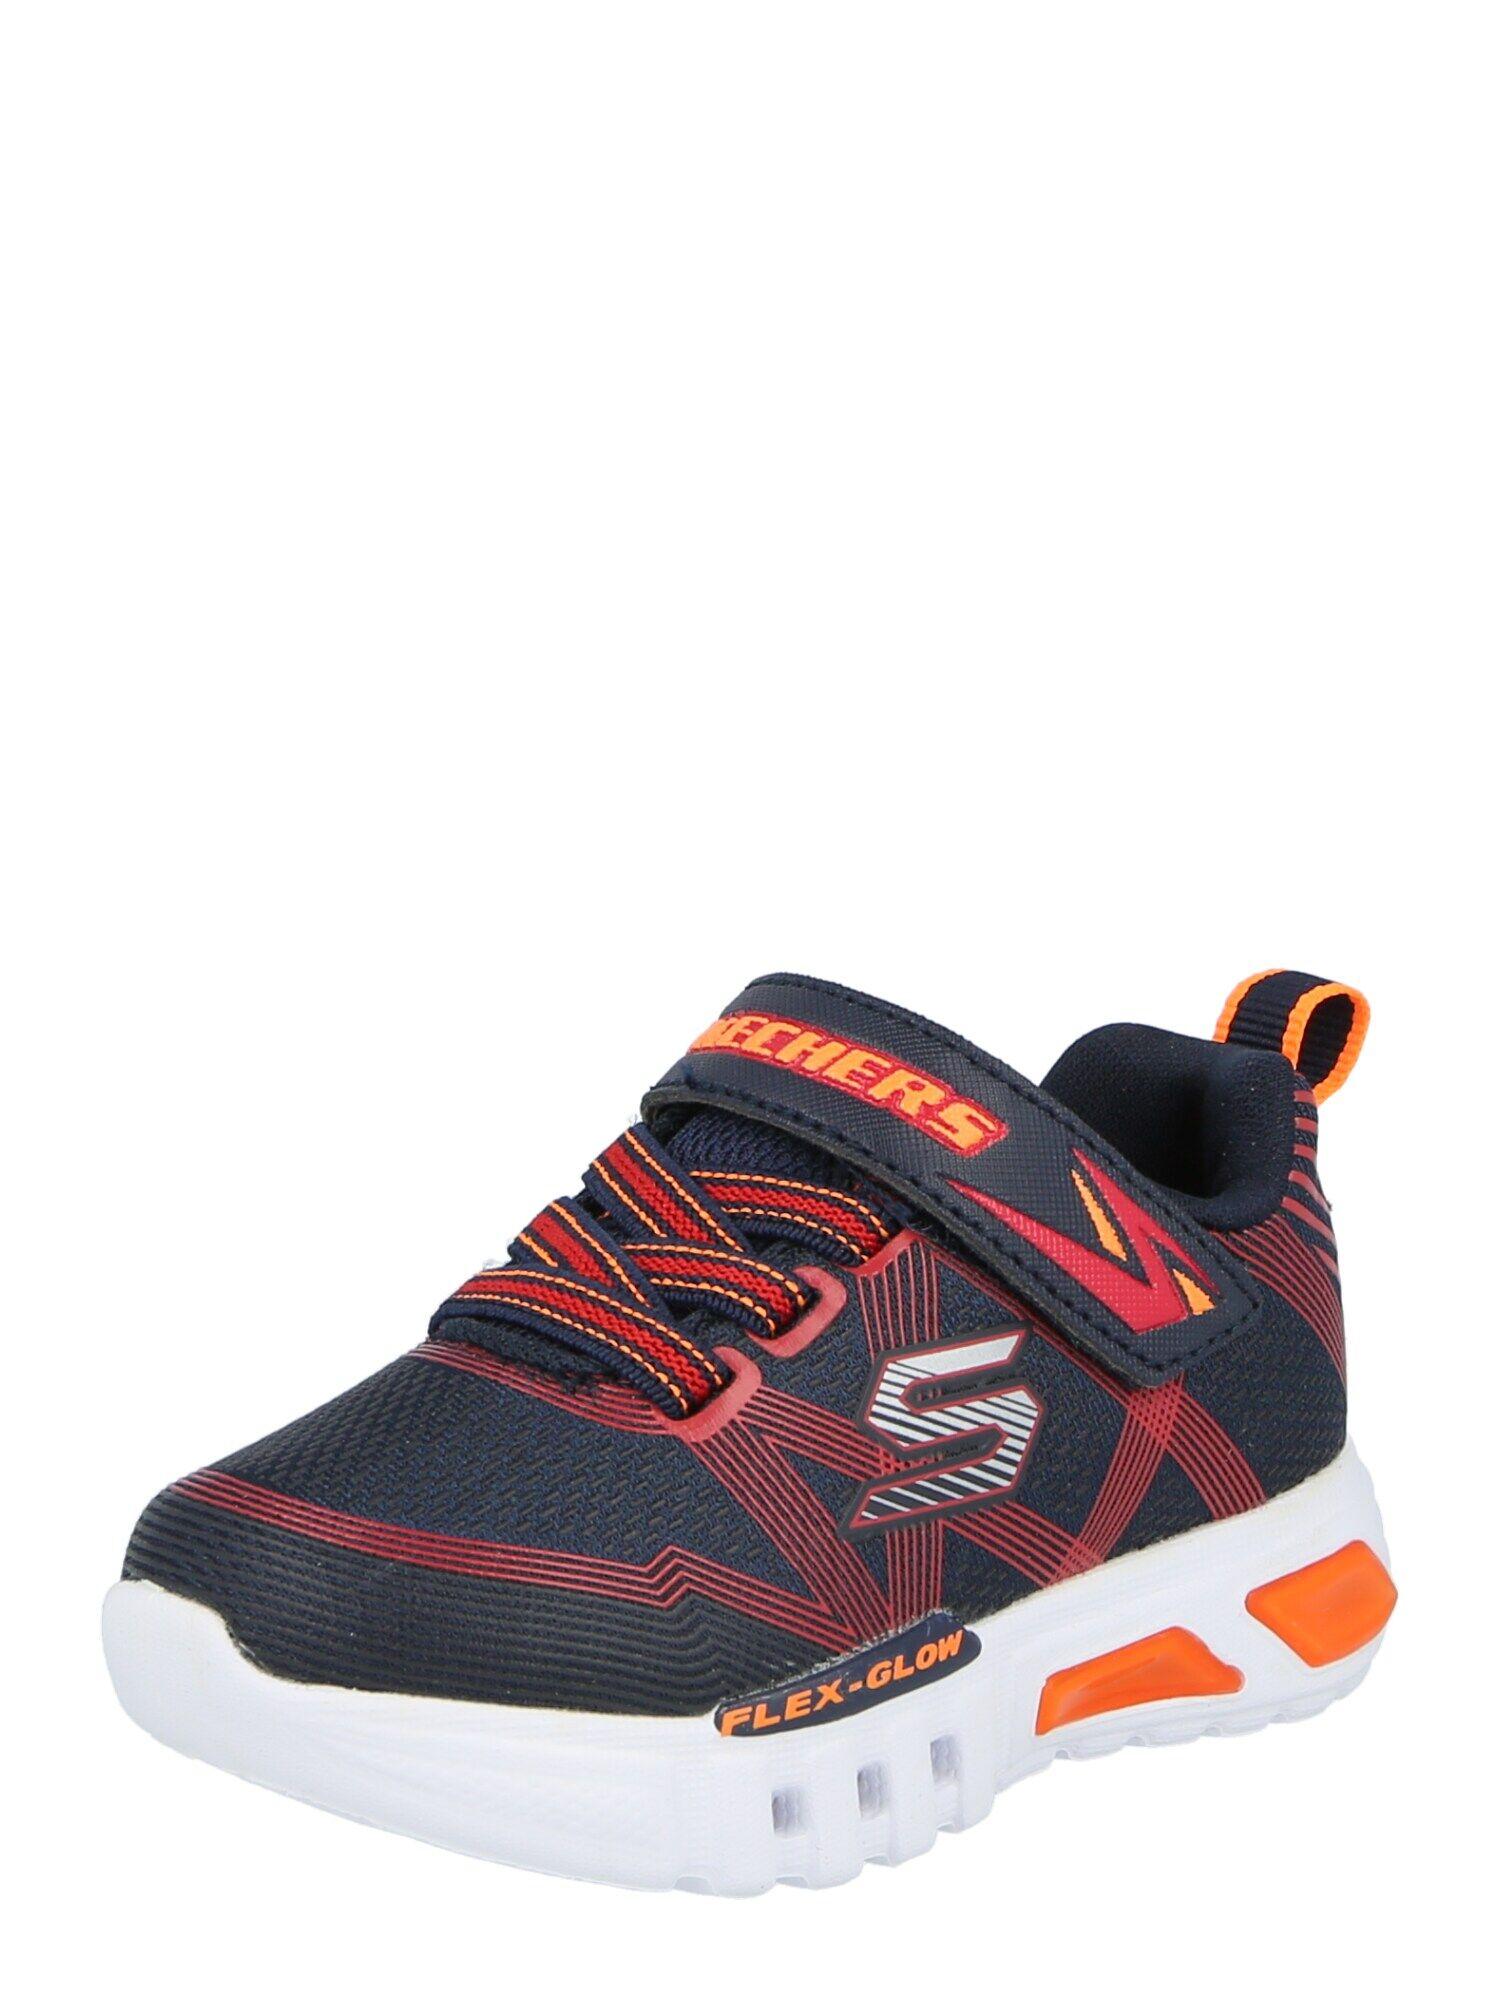 SKECHERS Sneaker 'FLEX-GLOW' Blu